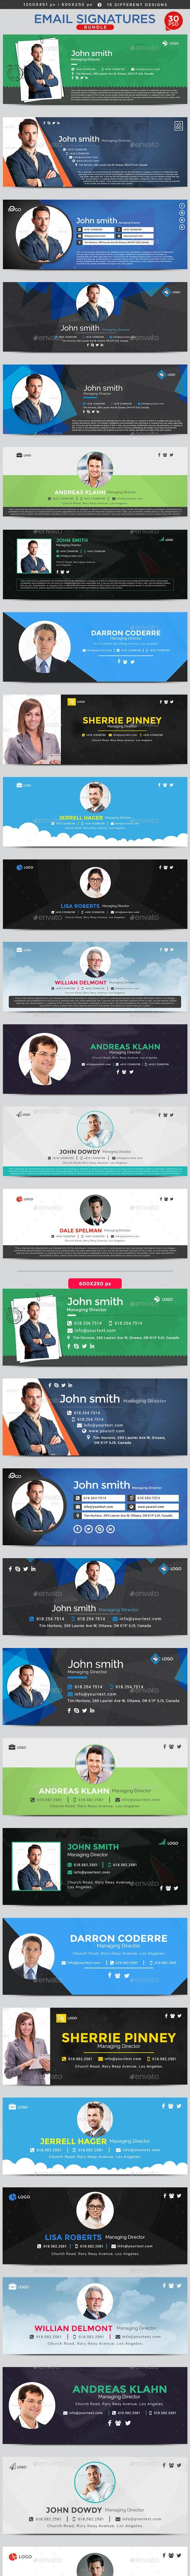 Email Signature Bundle - 15 Designs - 2 Sizes Each - Miscellaneous Web Elements